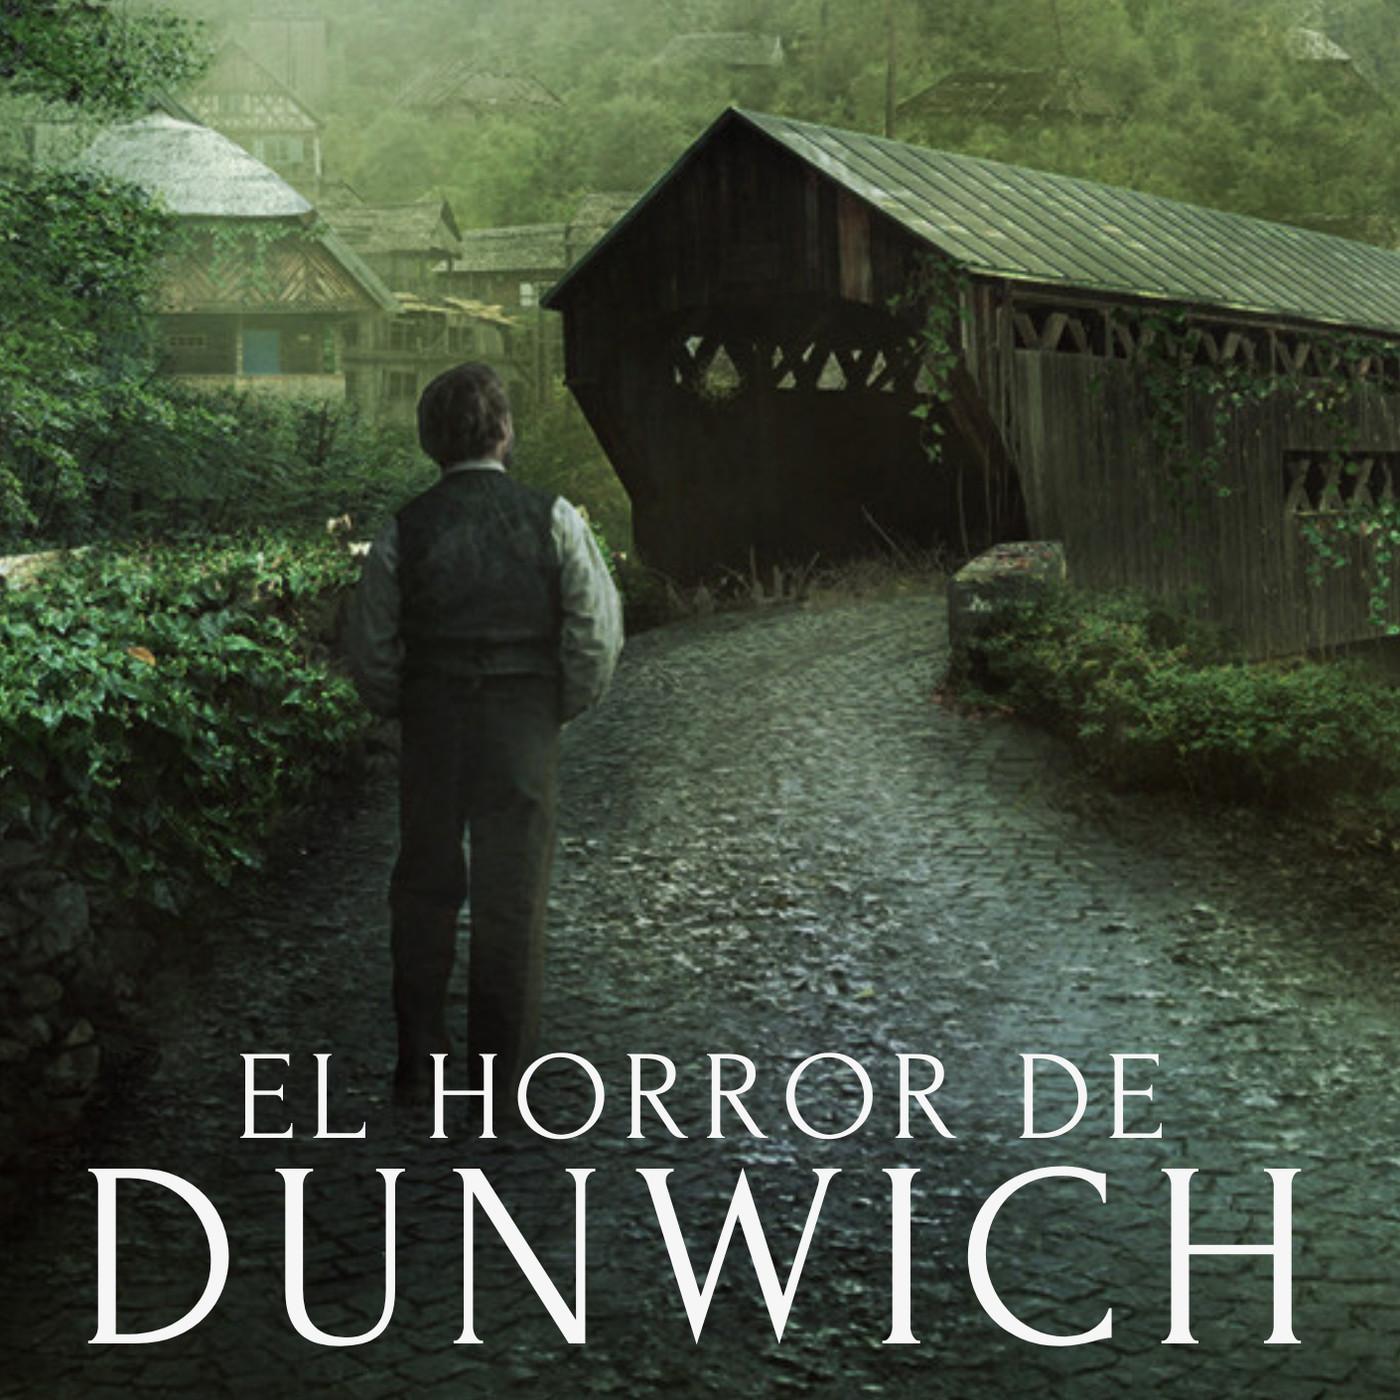 El Horror de Dunwich, de H.P. Lovecraft (Episodio 4 de 10)